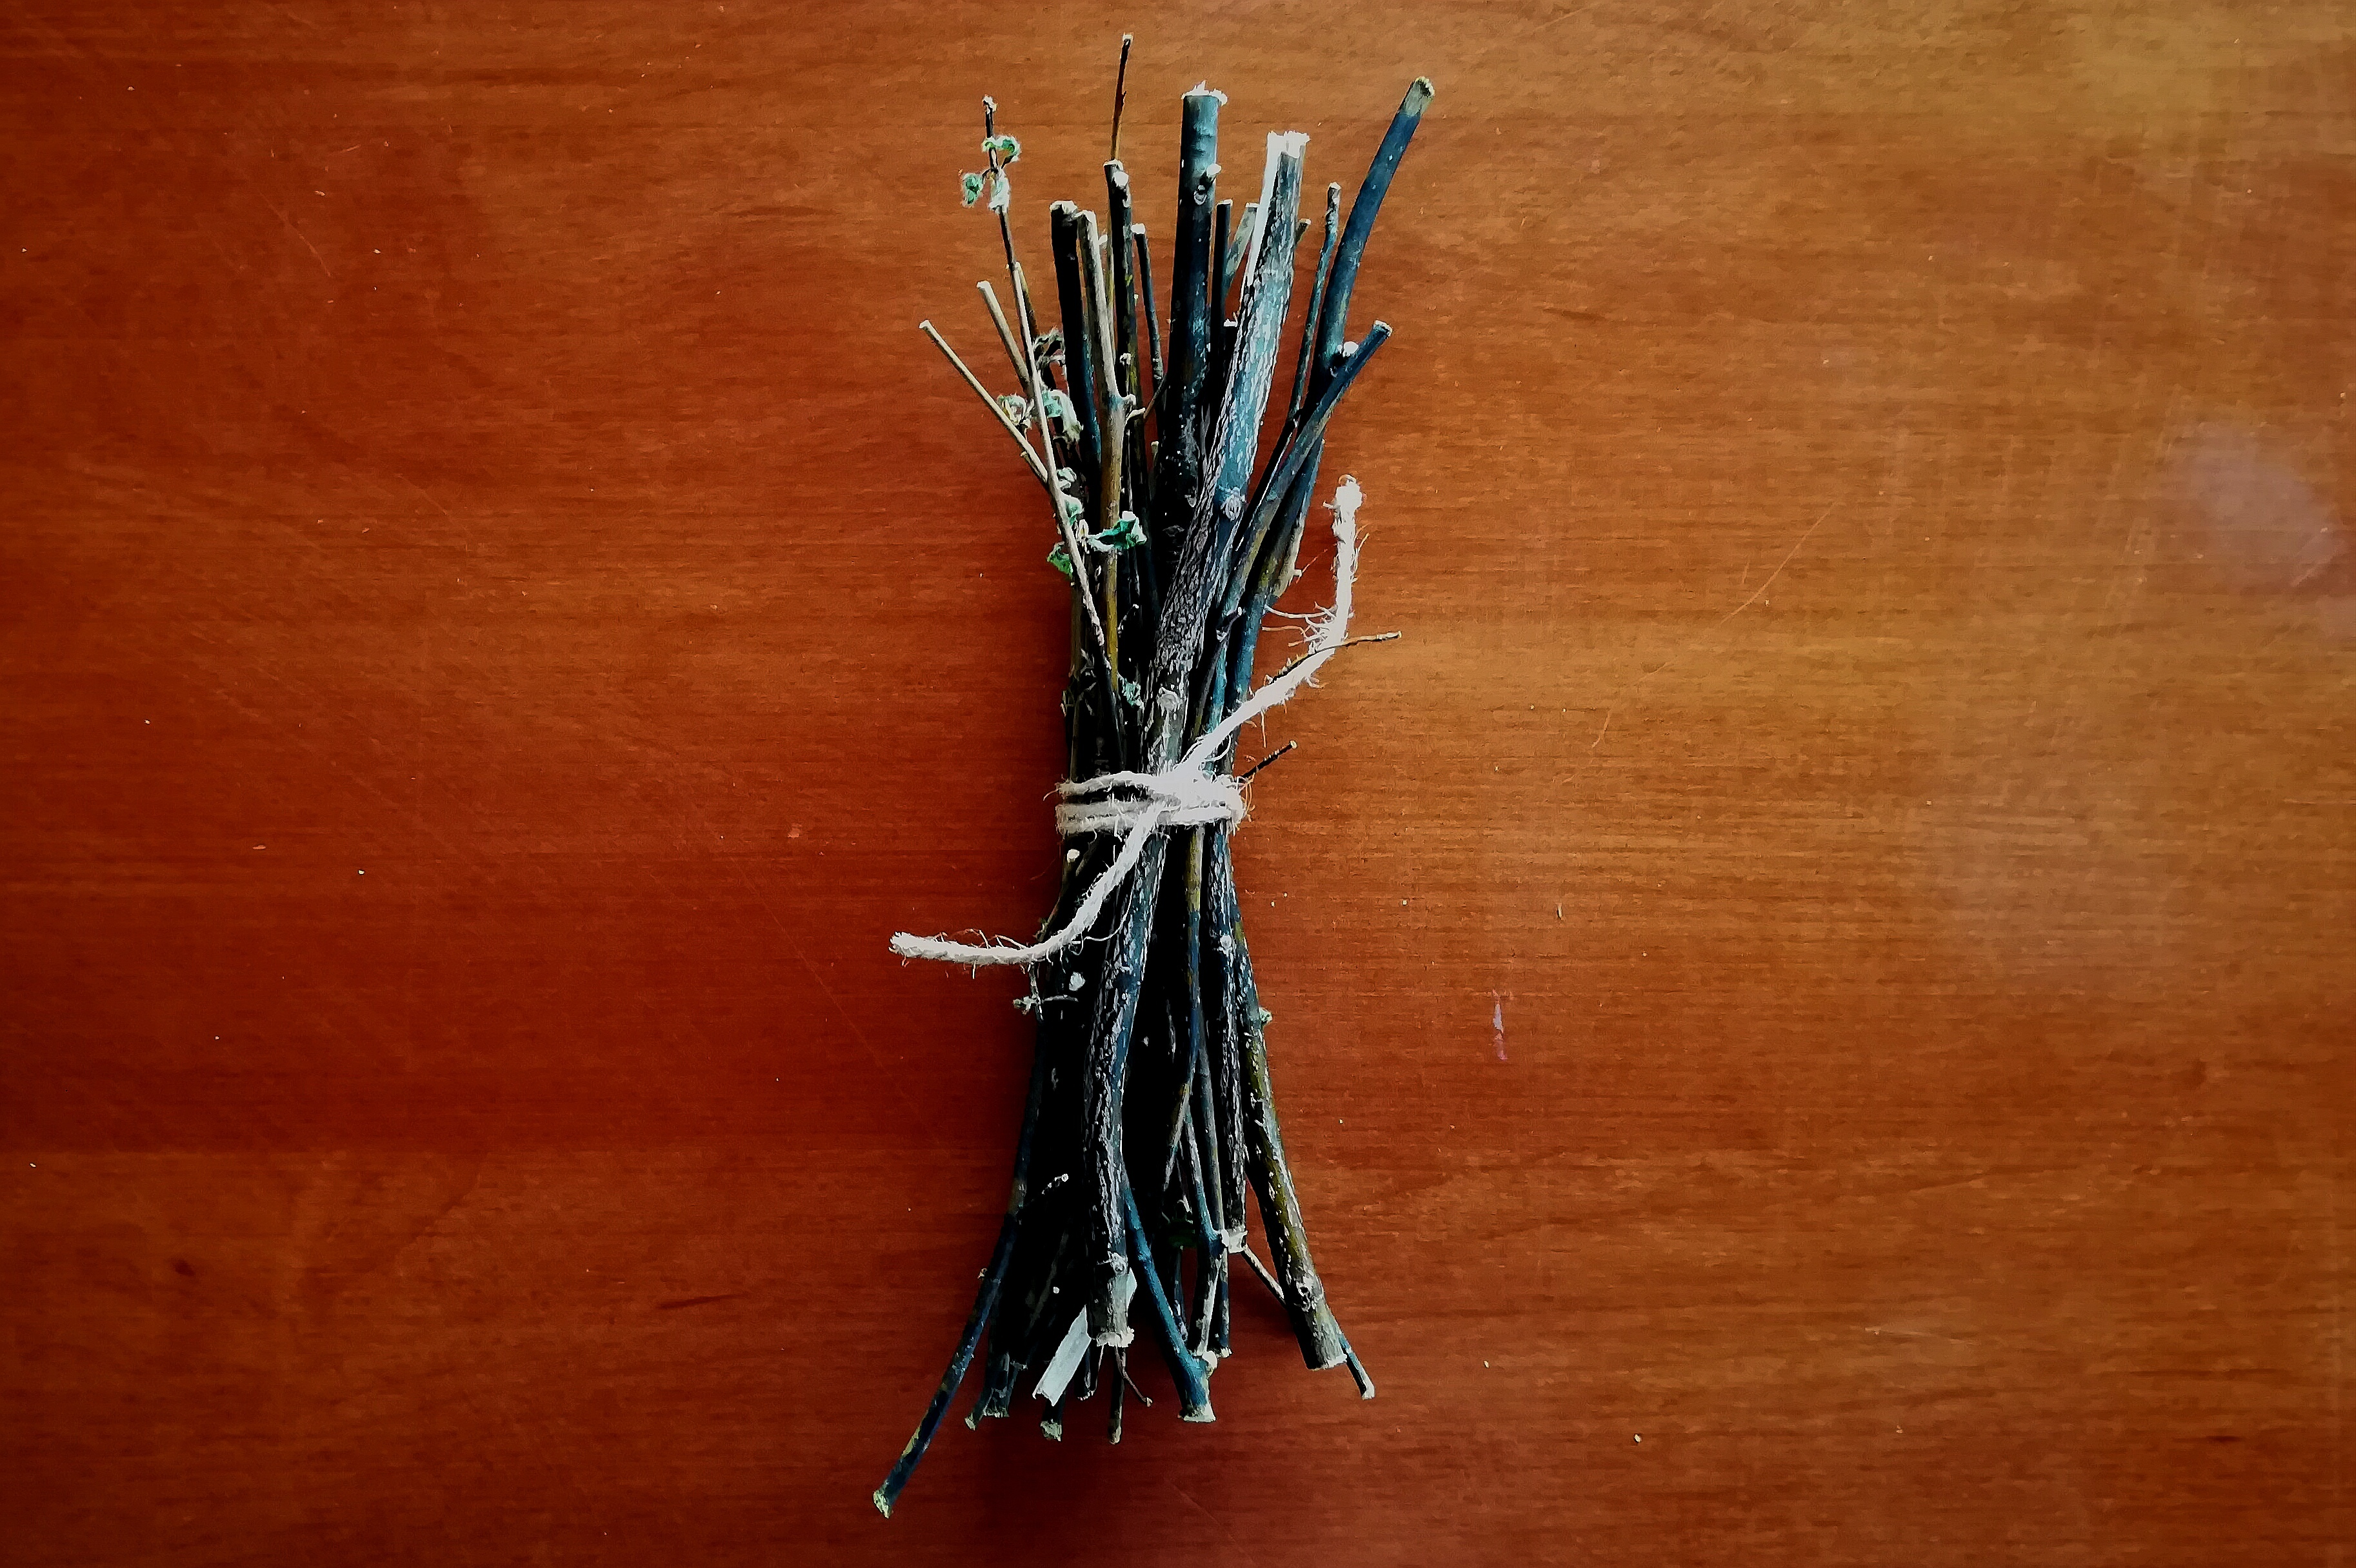 クロモジ枝を「○○」にする会【予告】